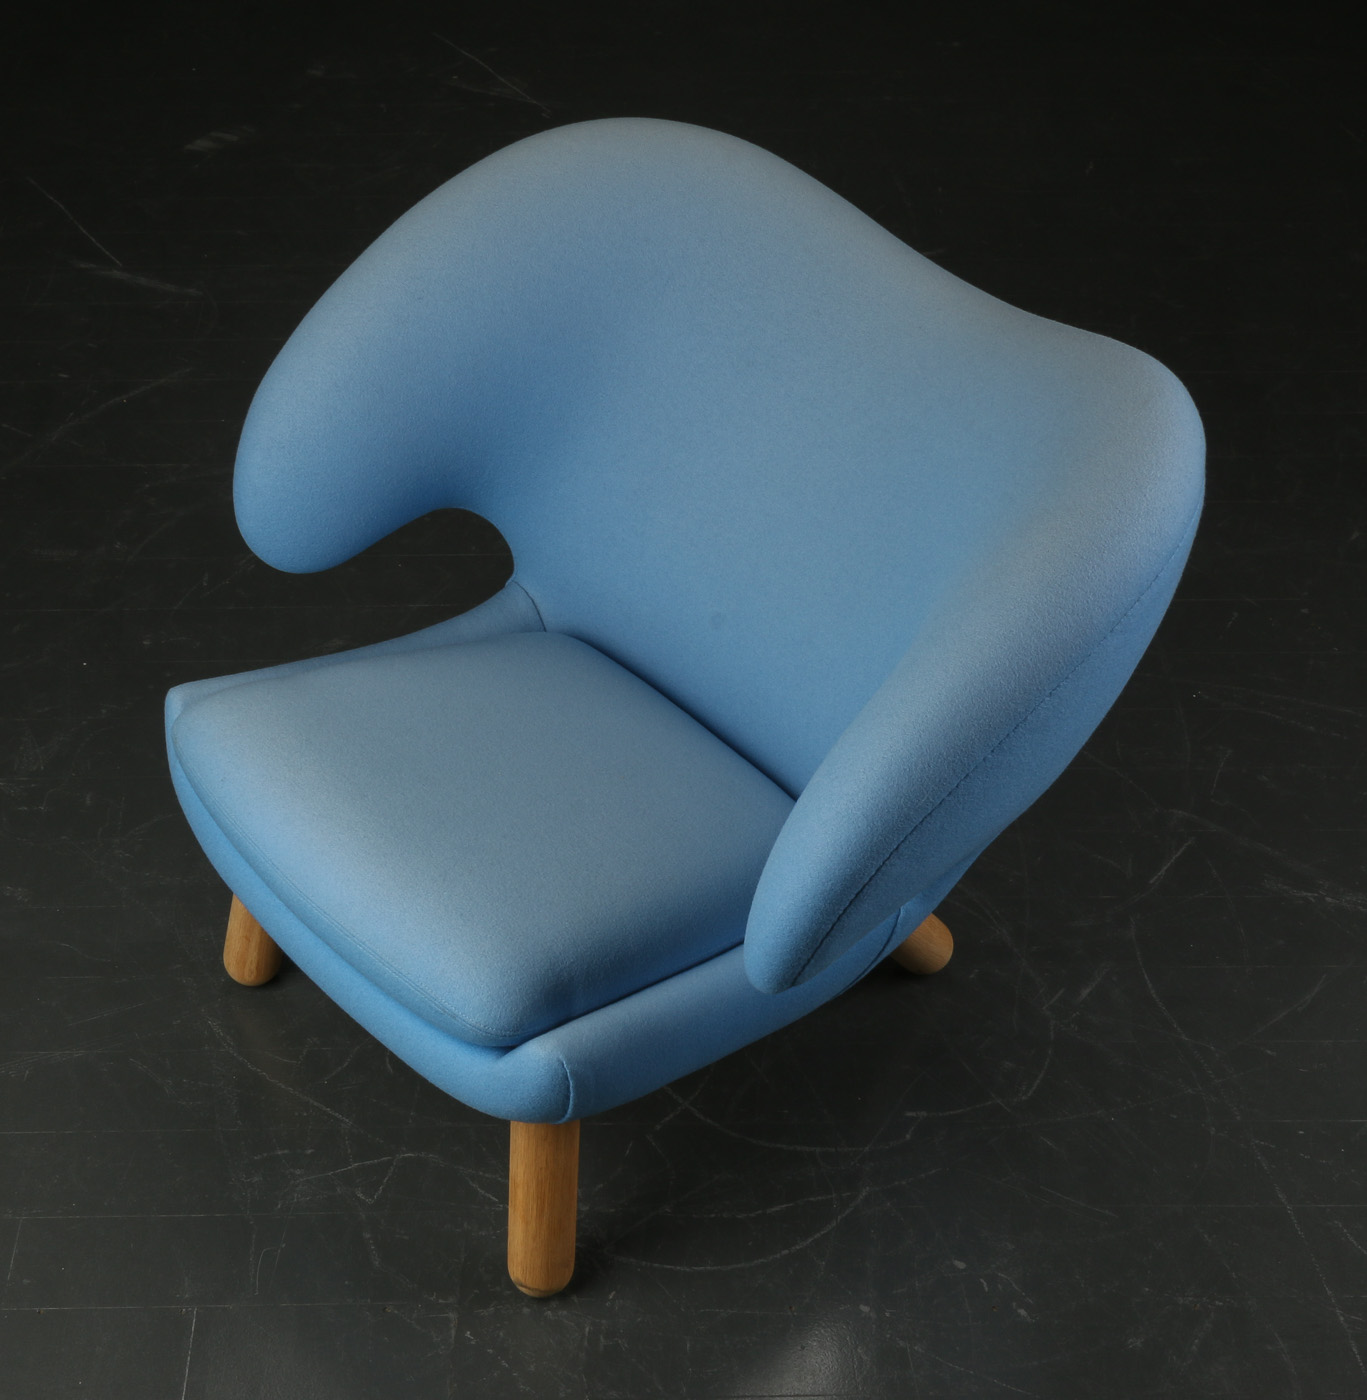 Finn Juhl. Armchair 'pelican', light blue wool